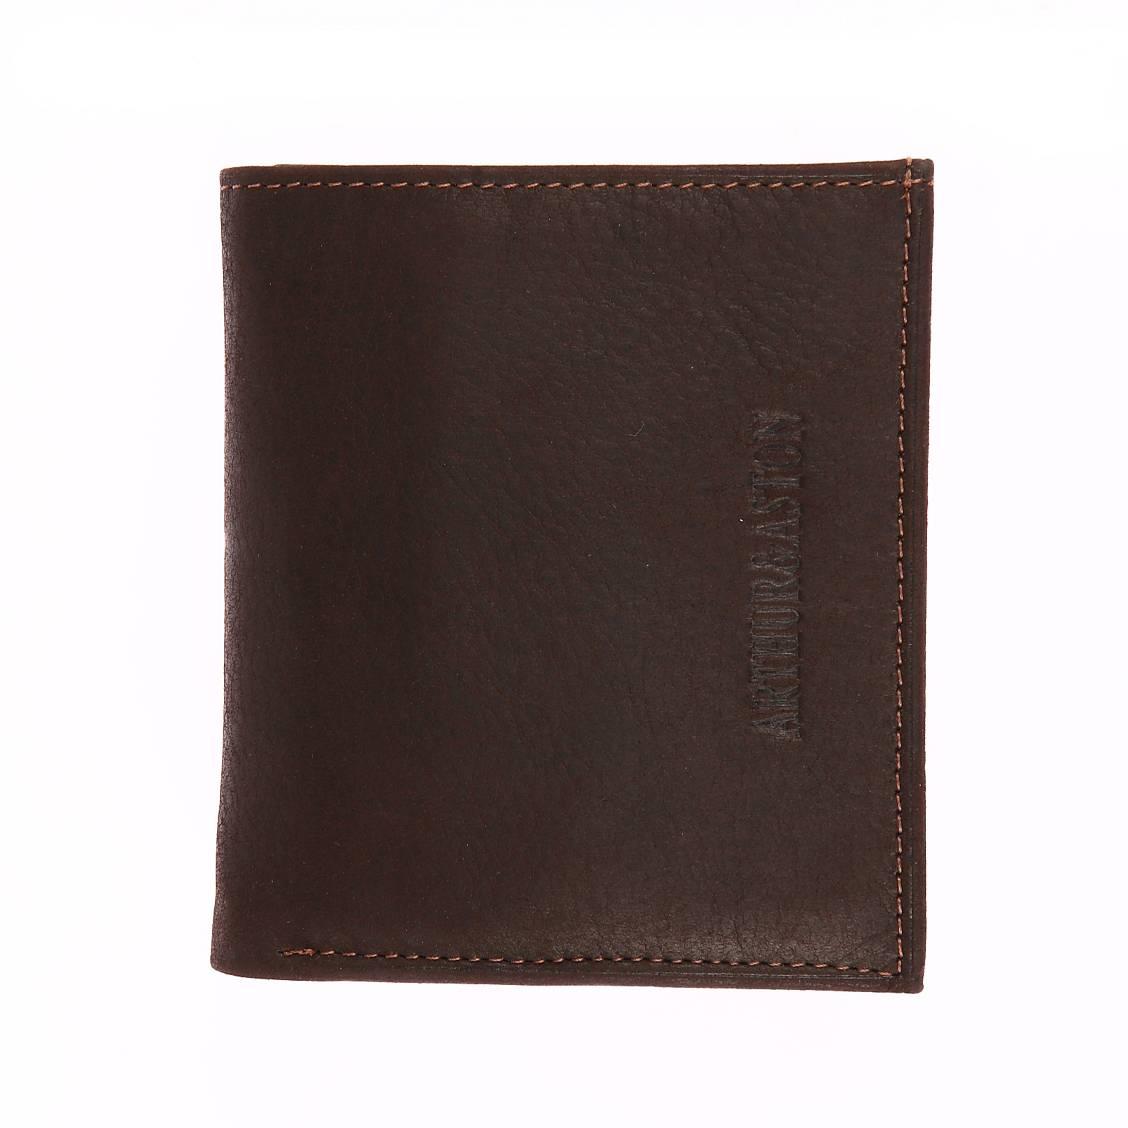 Petit portefeuille européen 2 volets arthur & aston en cuir marron